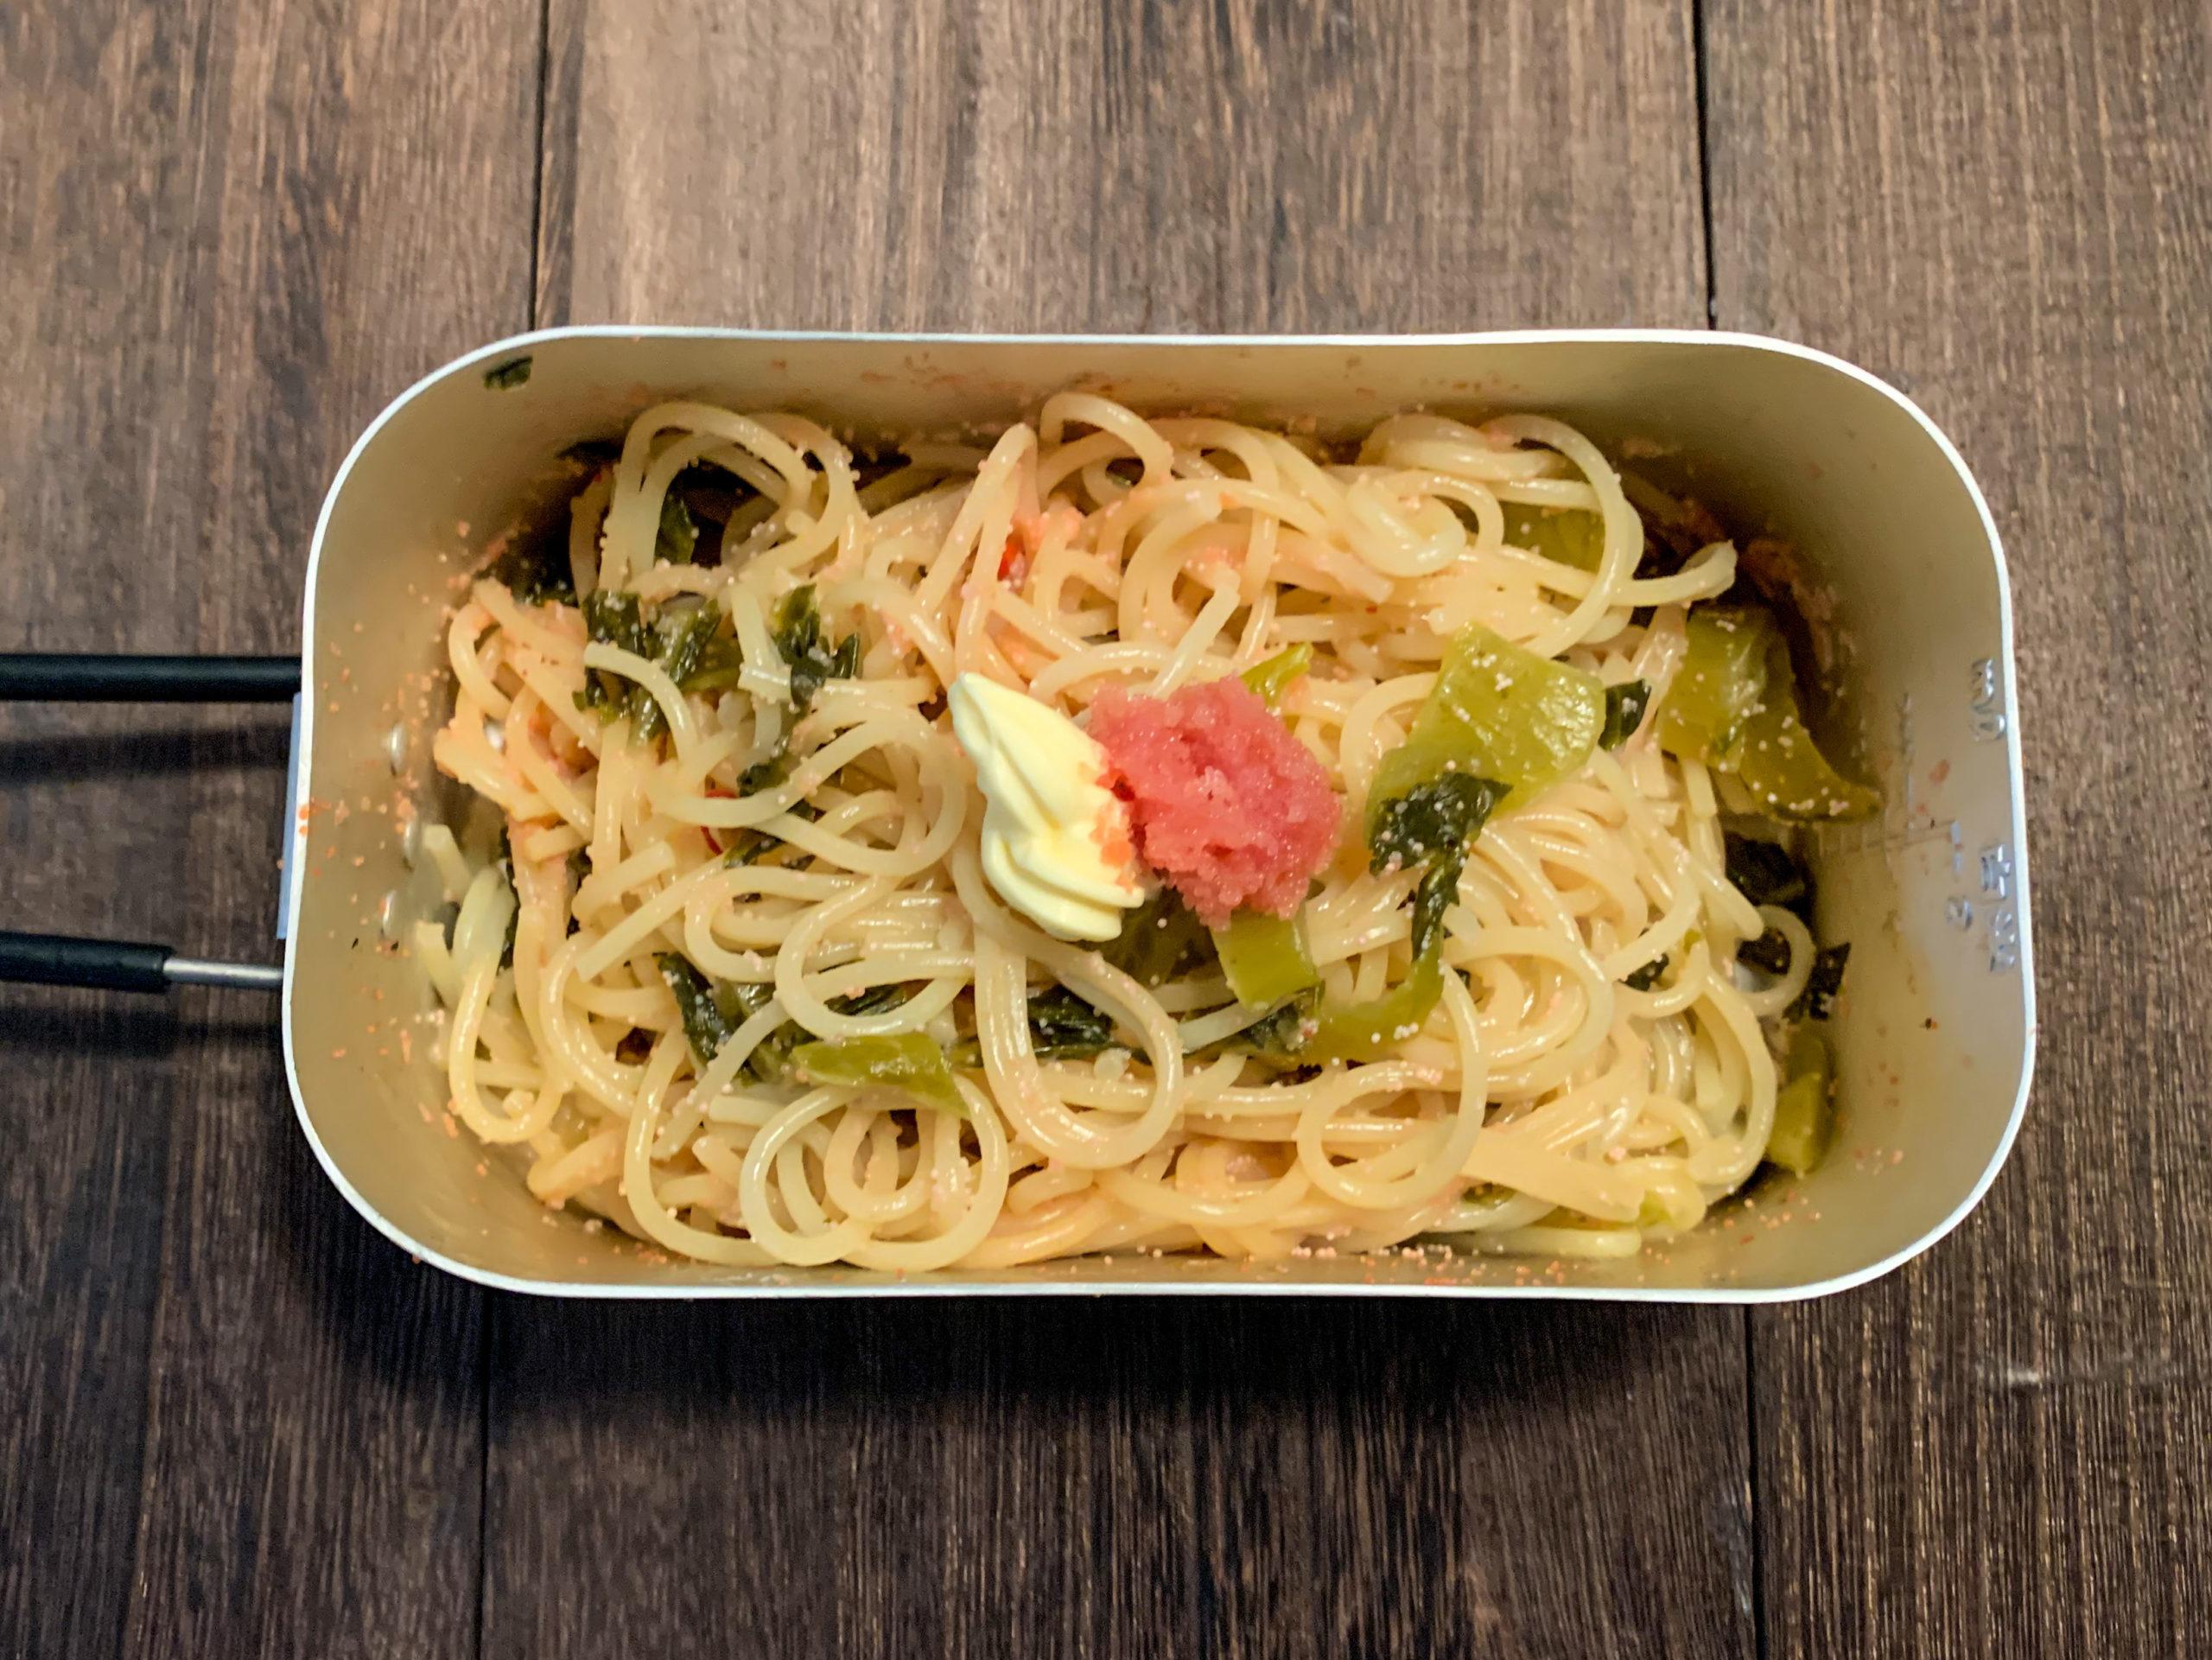 【水漬けパスタ】茹で汁出ません!メスティン1つで明太高菜スパゲティの作り方!